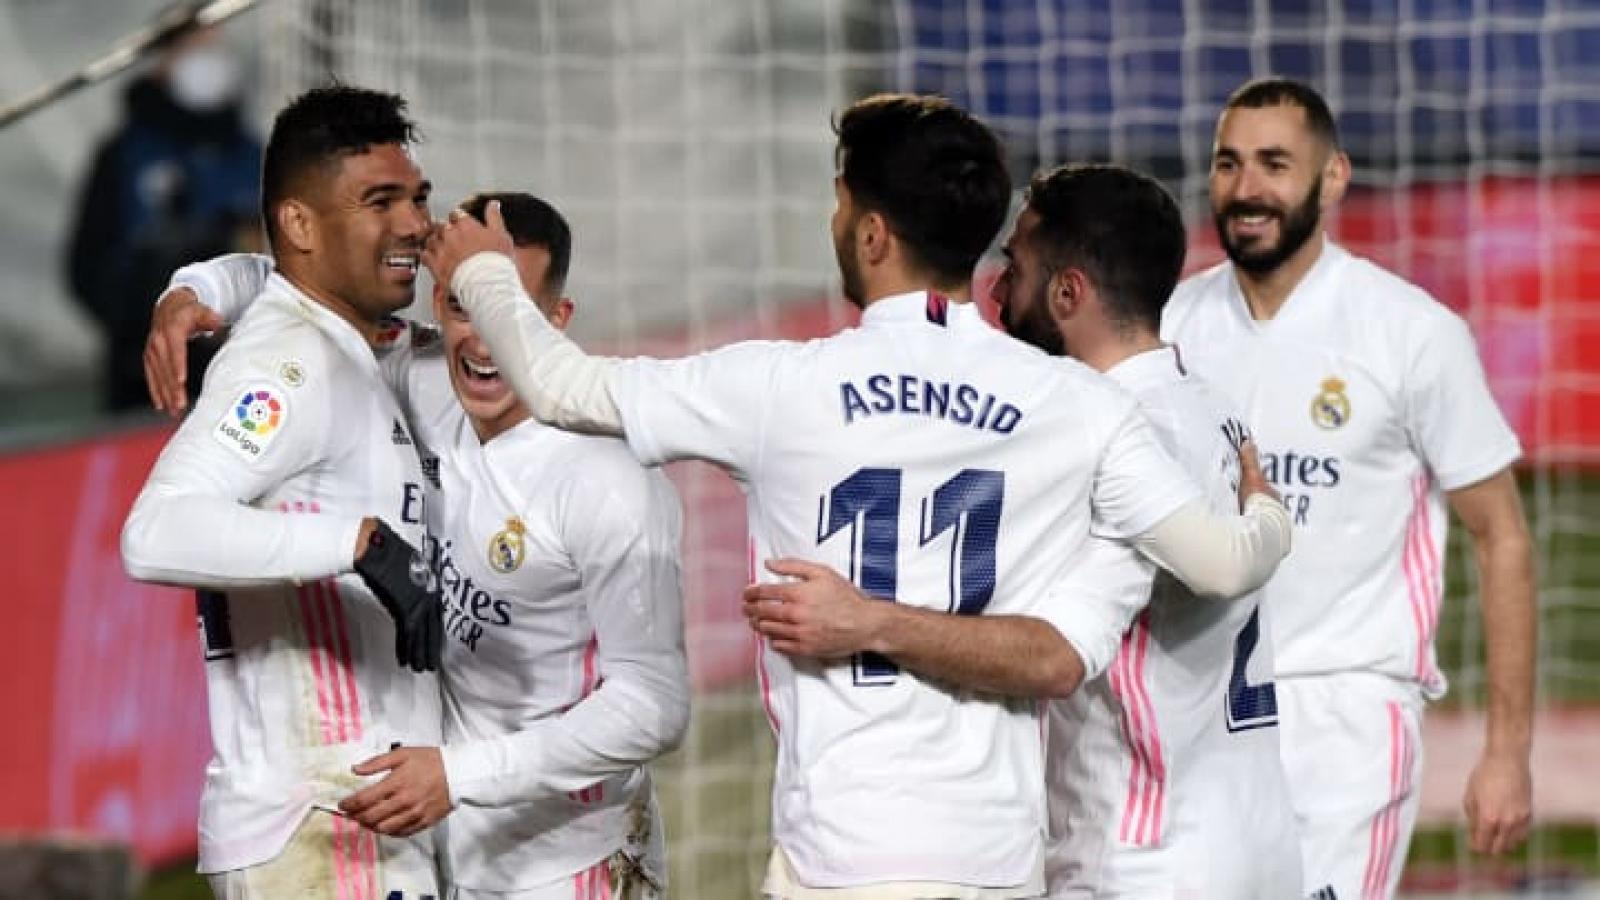 Thắng trận thứ 6 liên tiếp, Real Madrid áp sát ngôi đầu La Liga